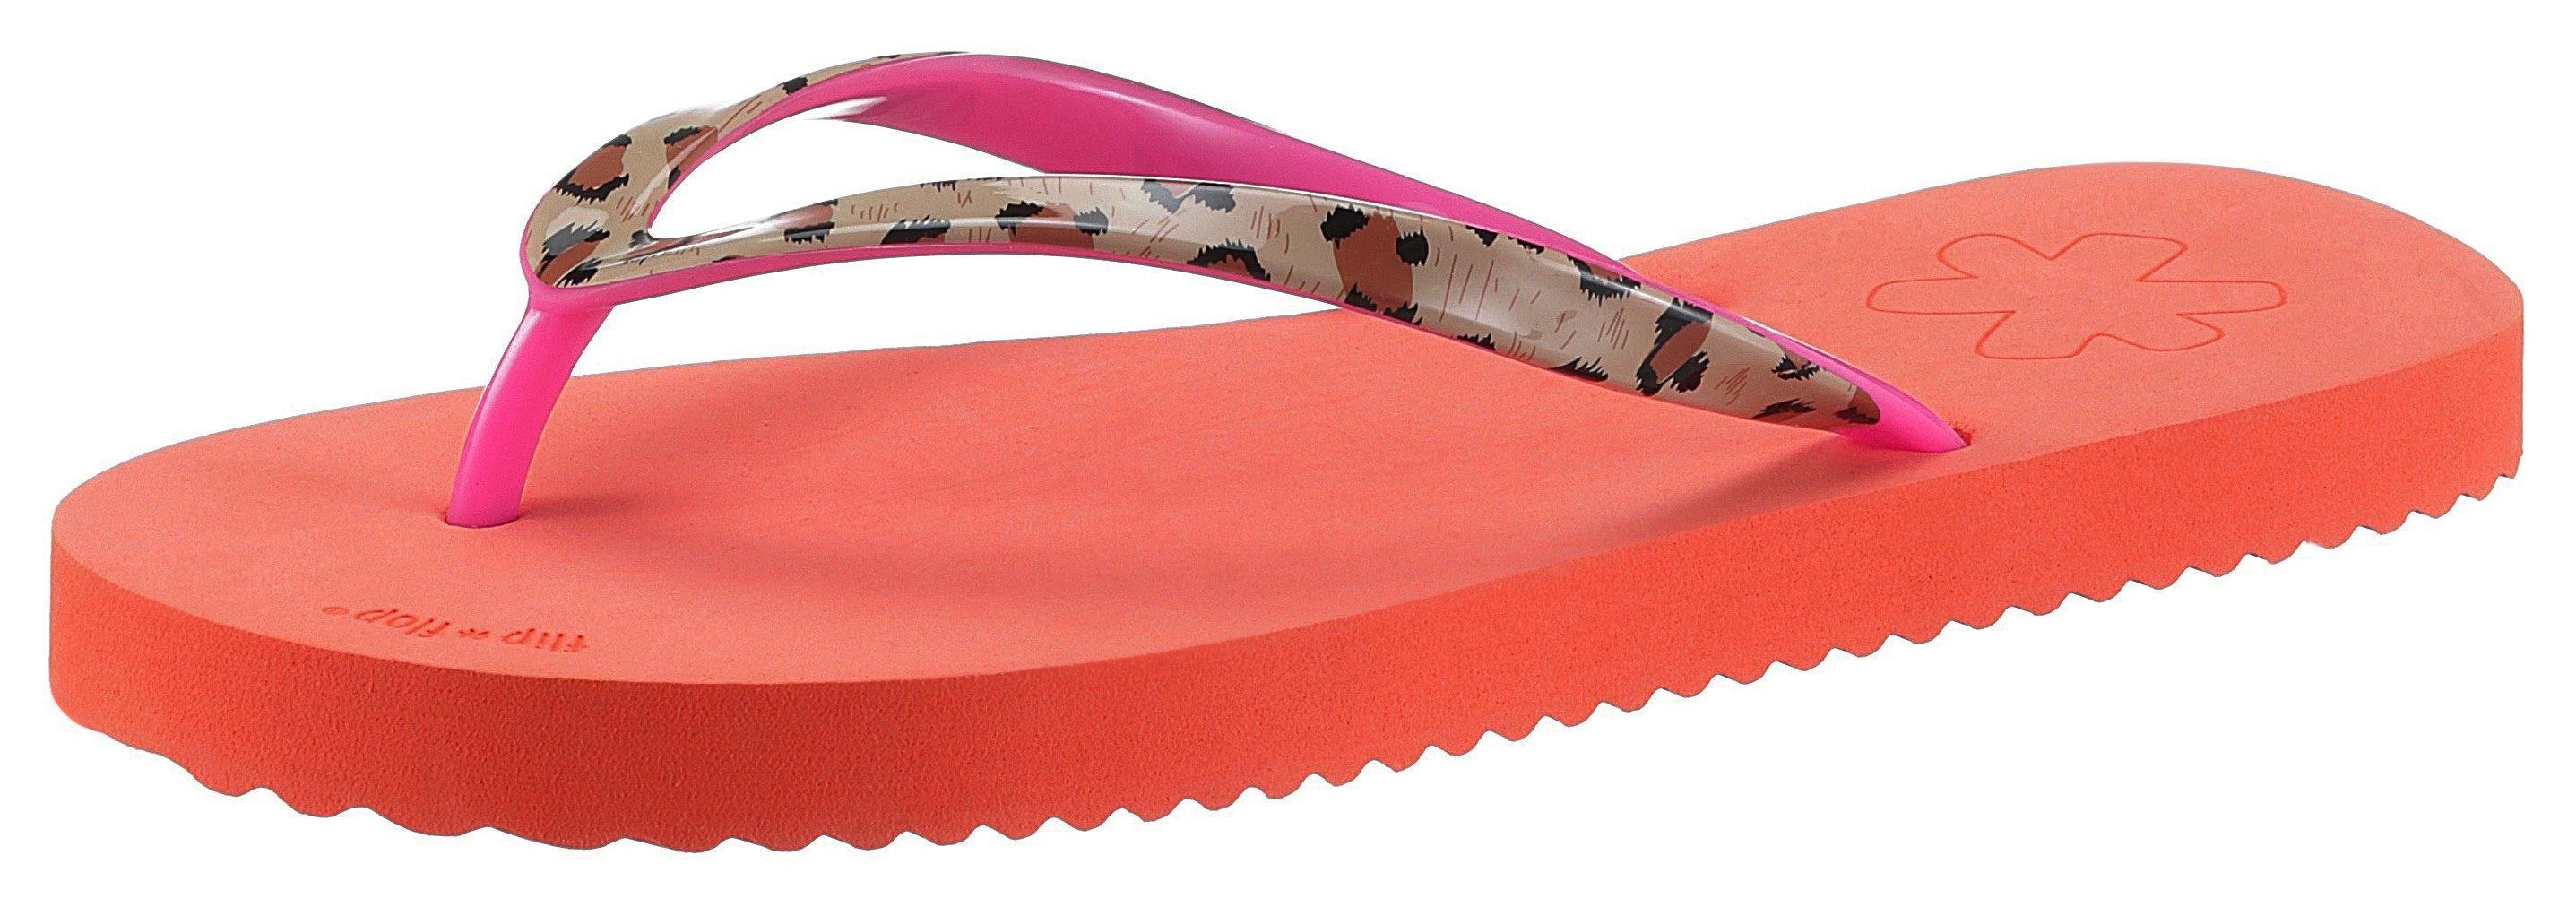 Flip Flop badslippers Easy Animal met mooie luipaardprint - gratis ruilen op otto.nl